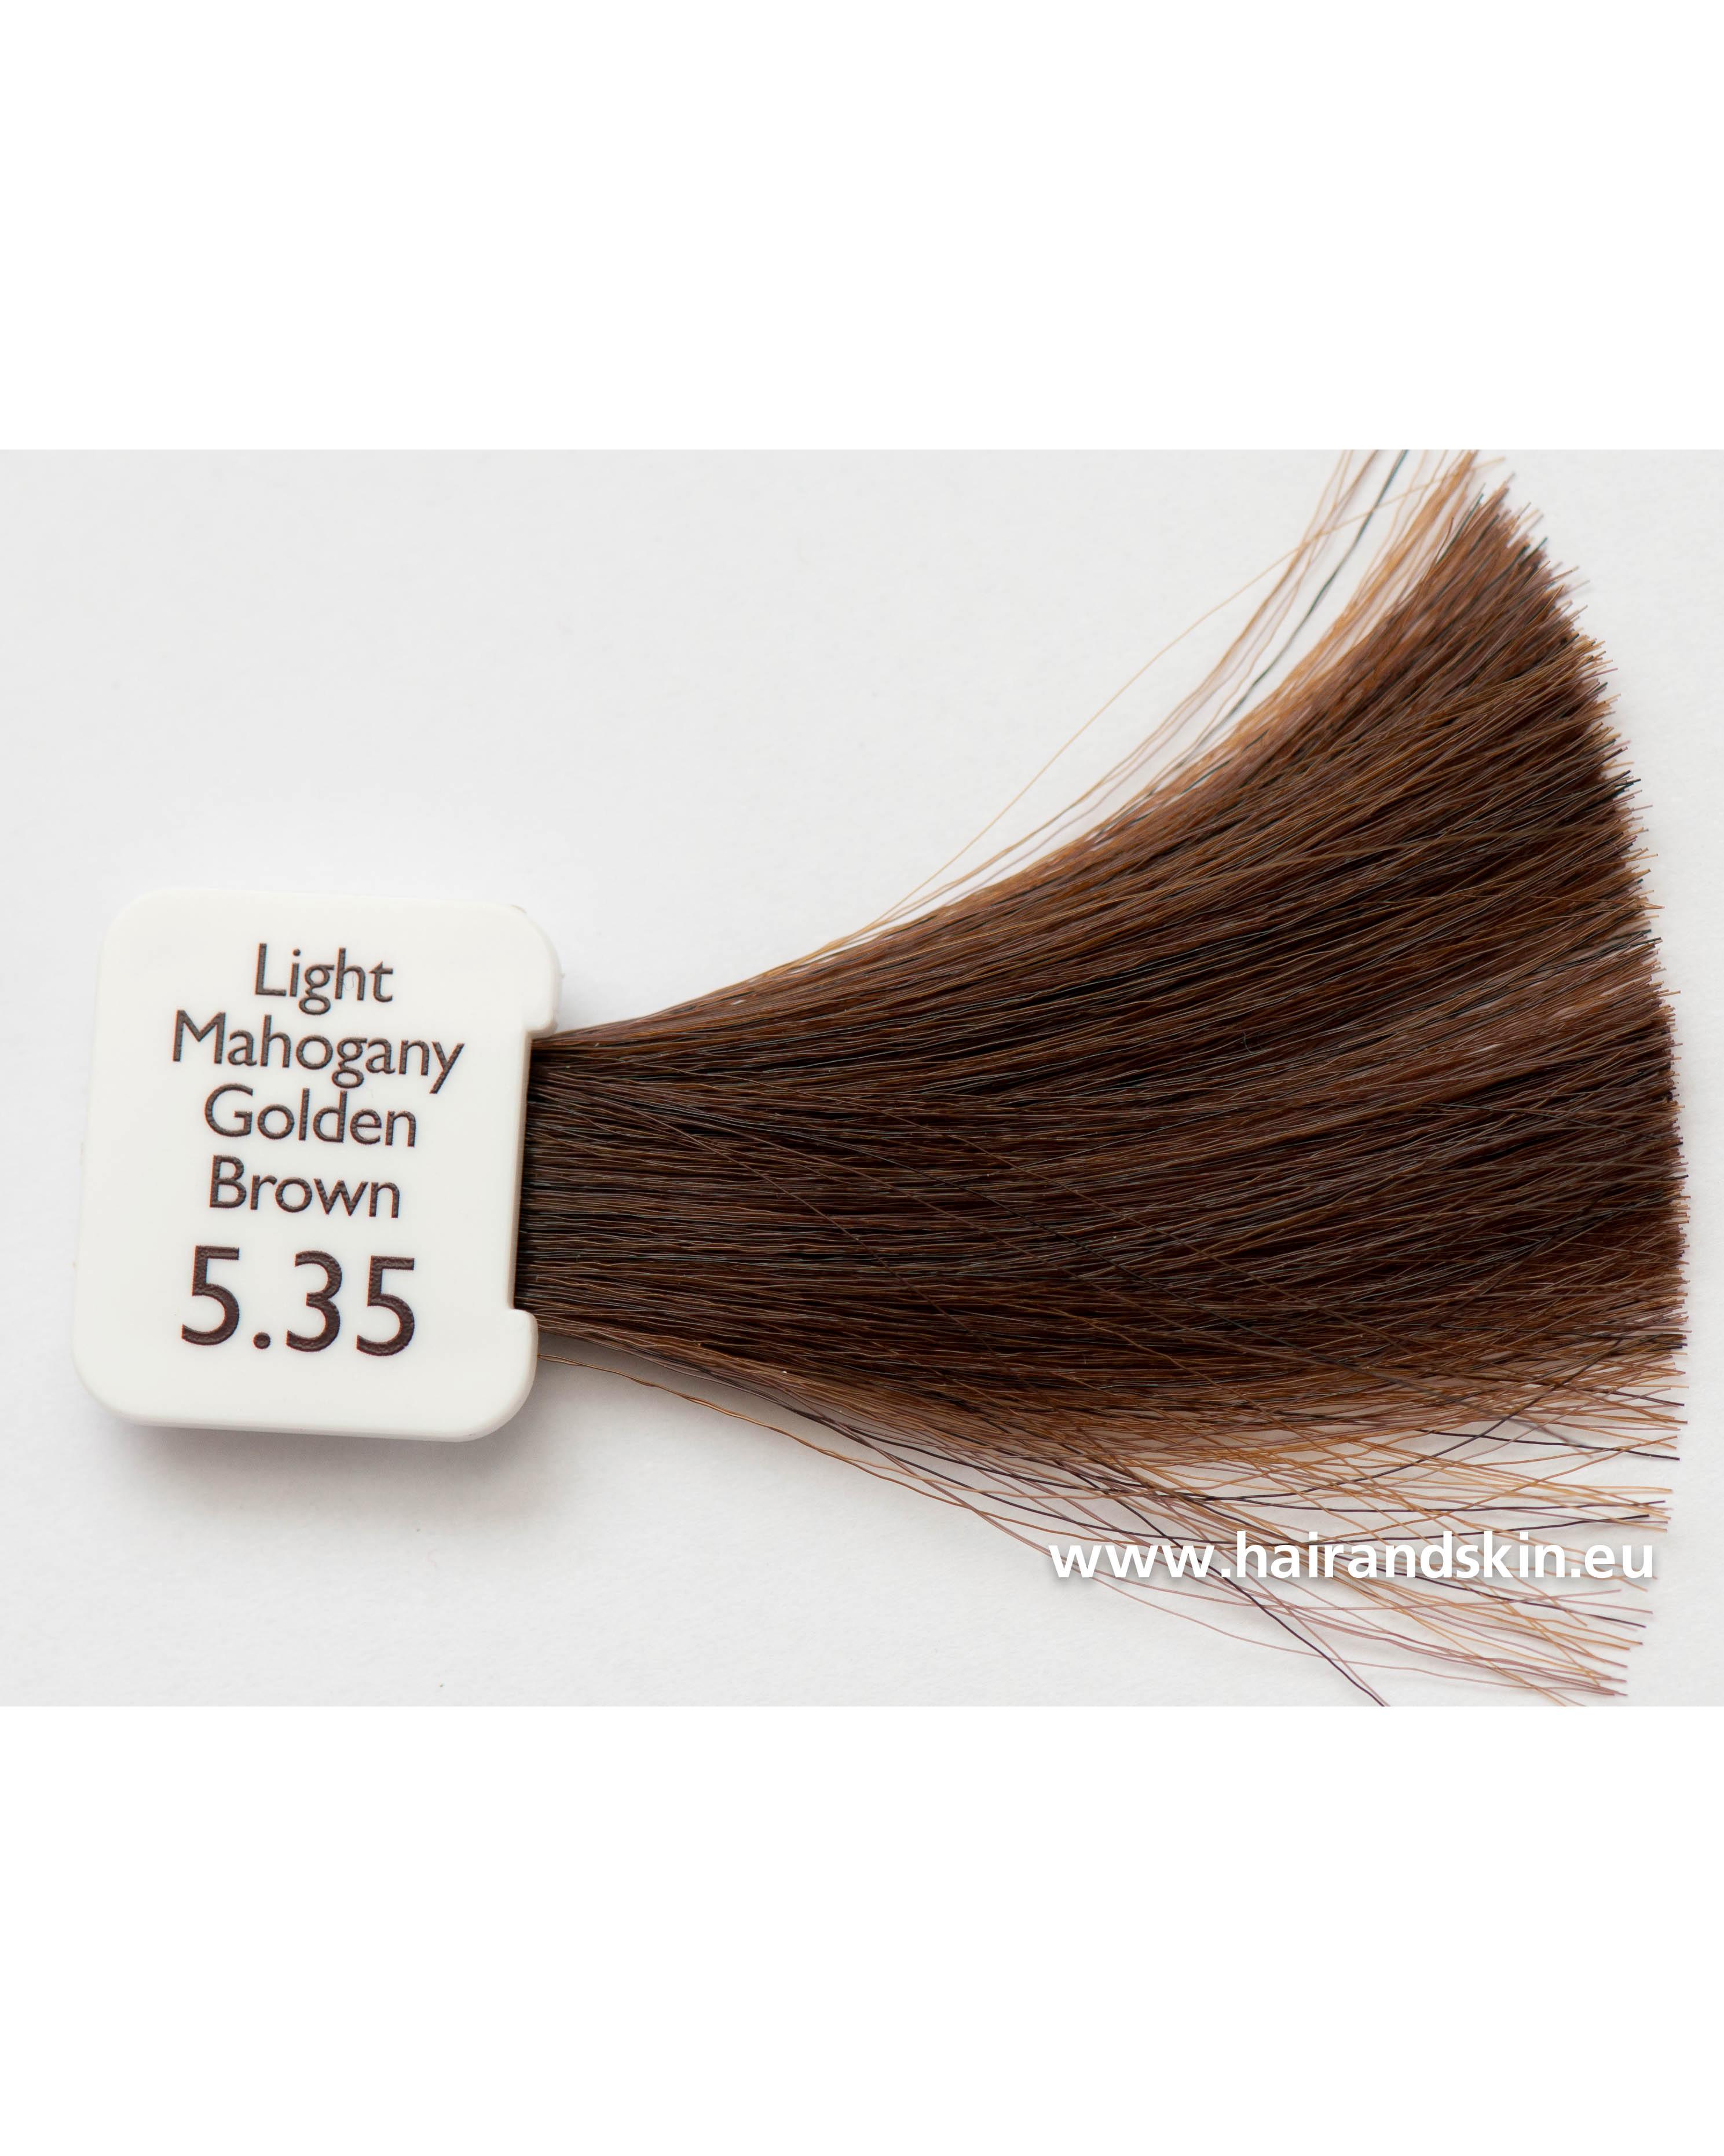 coloration natulique ch tain clair dor acajou cr me naturelle biologique couleur cheveux. Black Bedroom Furniture Sets. Home Design Ideas